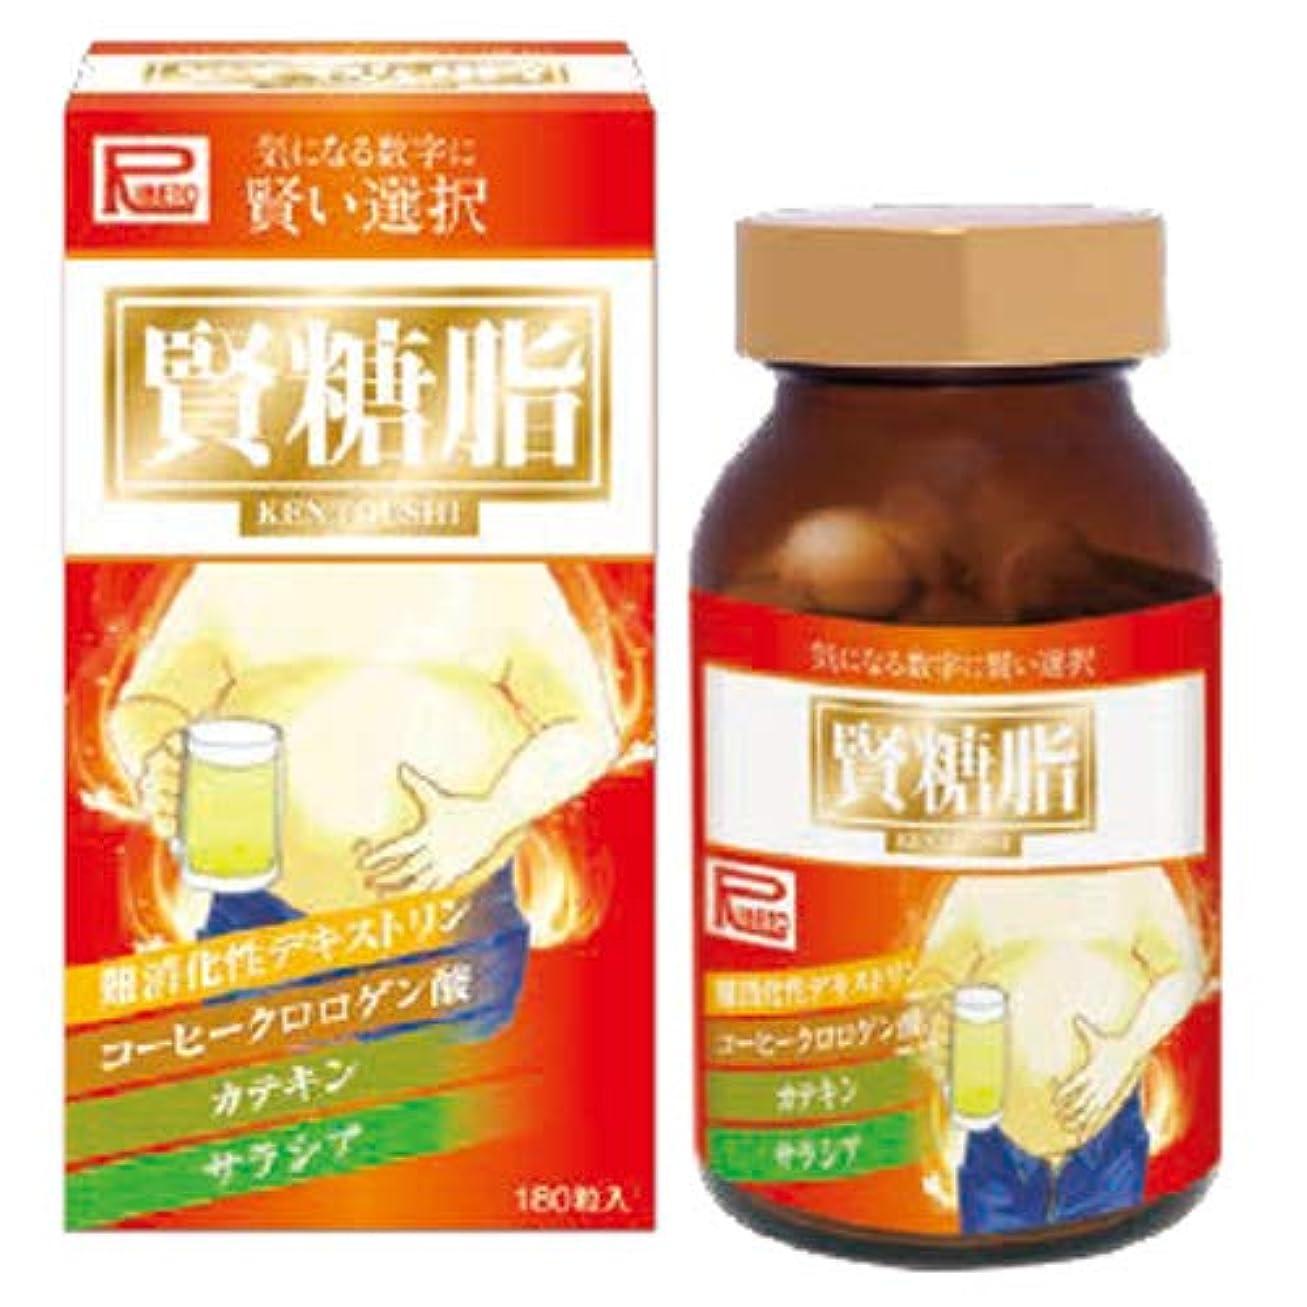 ロースト論理心配する賢糖脂(ケントウシ)